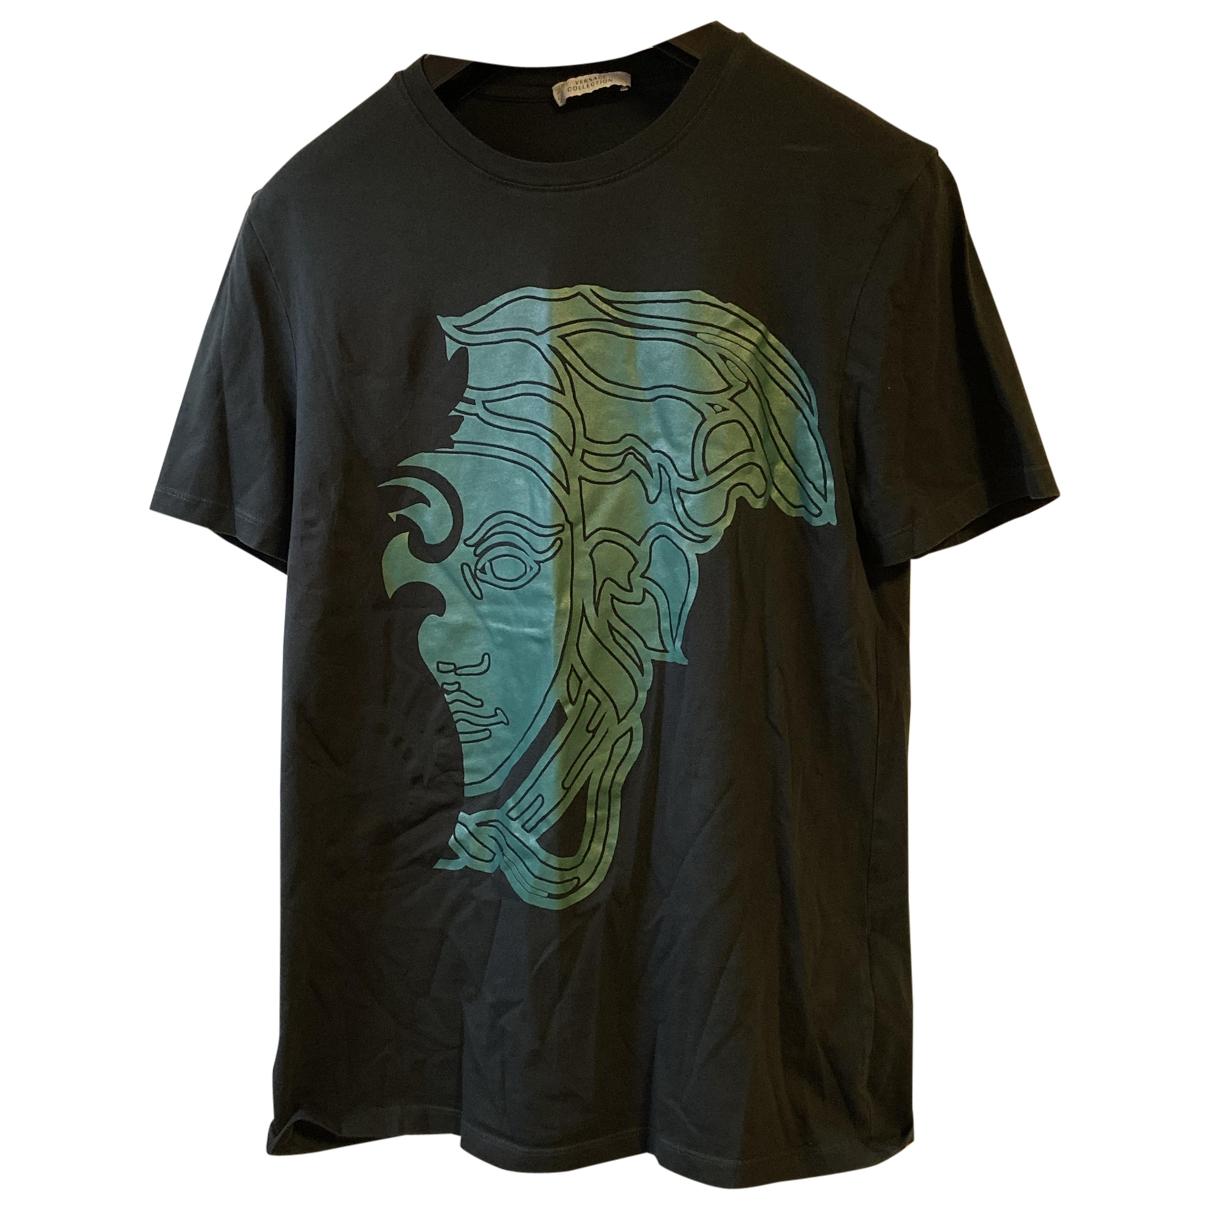 Versace - Tee shirts   pour homme en coton